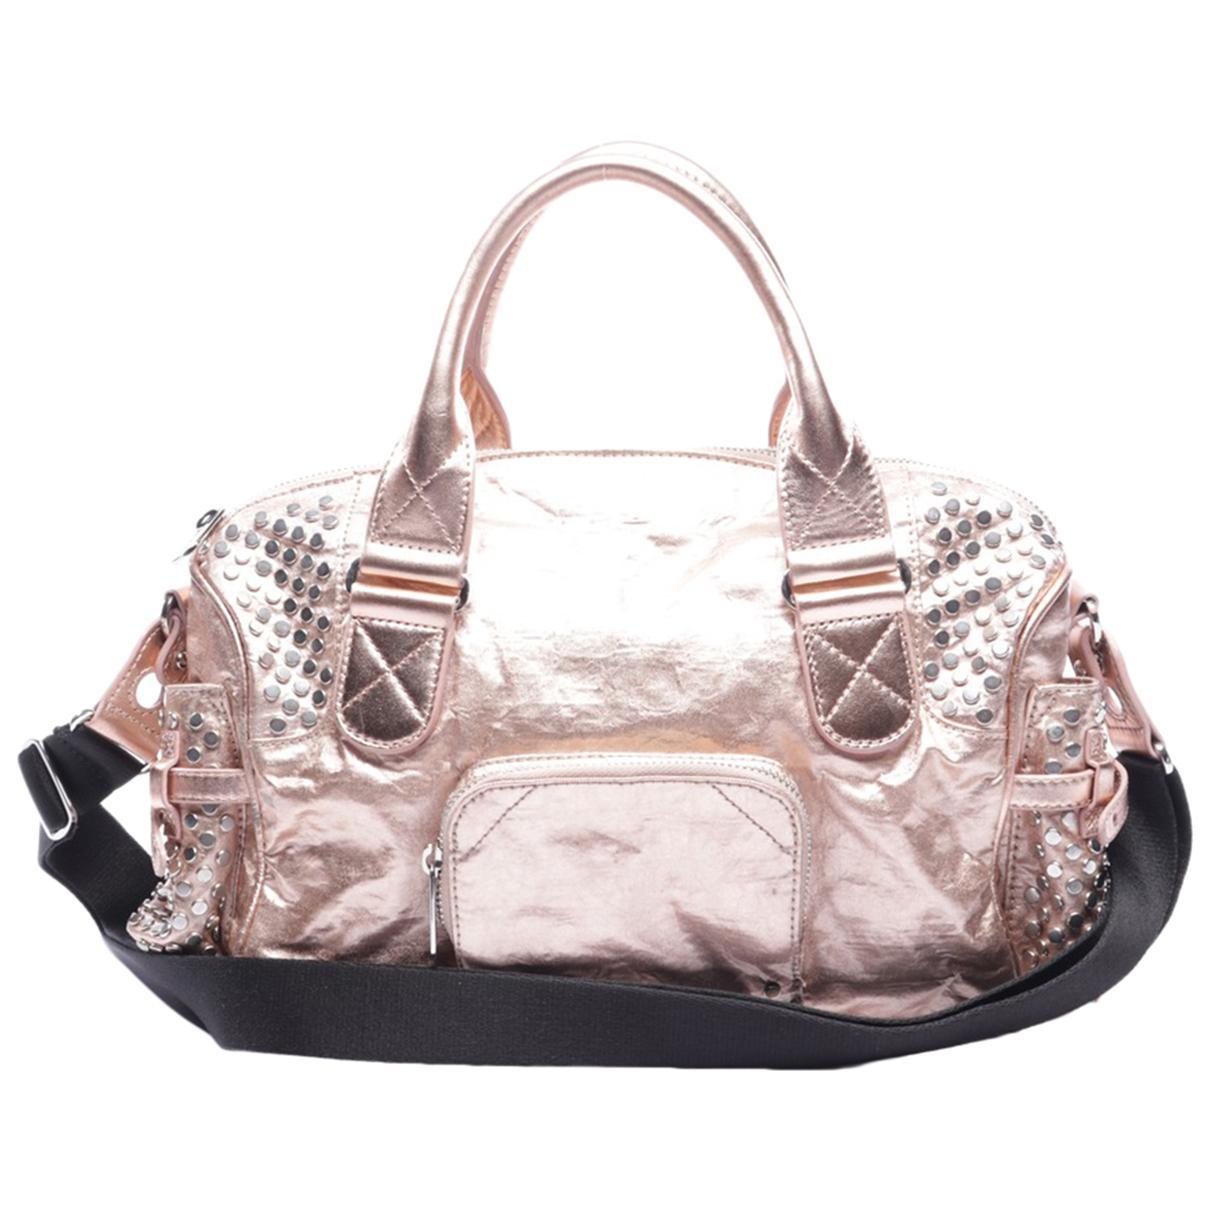 Sonia Rykiel \N Handtasche in  Rosa Baumwolle